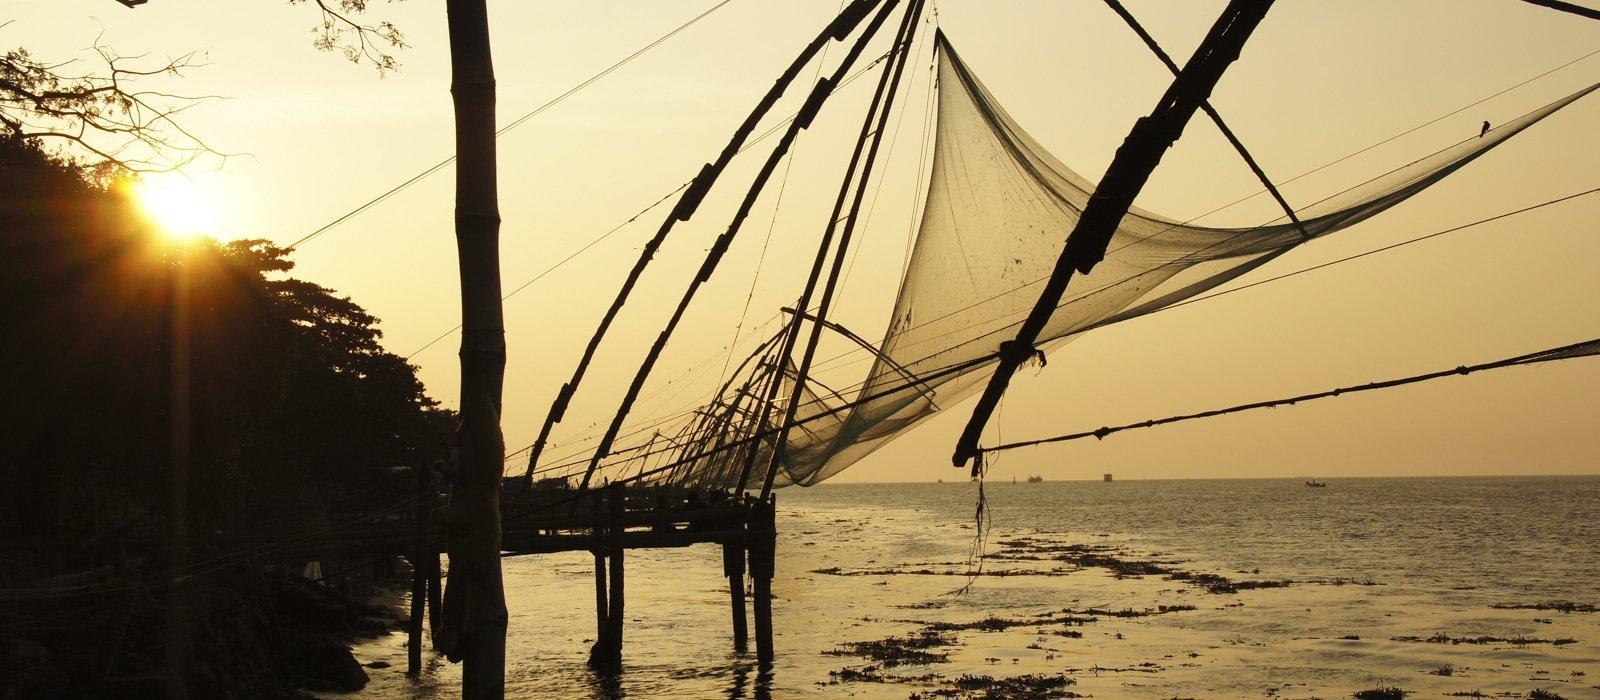 Voyage organisé en petit groupe - Cochin - Inde - Agence de voyage Les Routes du Monde